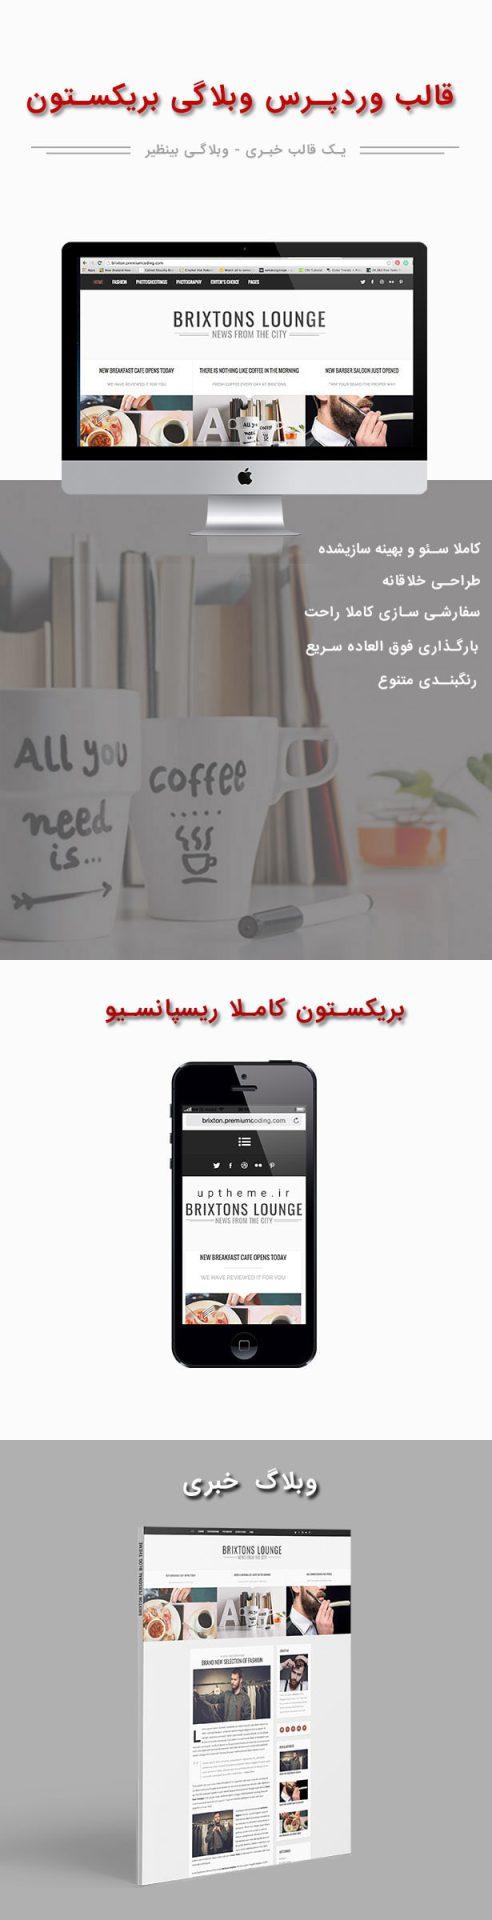 قالب وردپرس وبلاگی فارسی